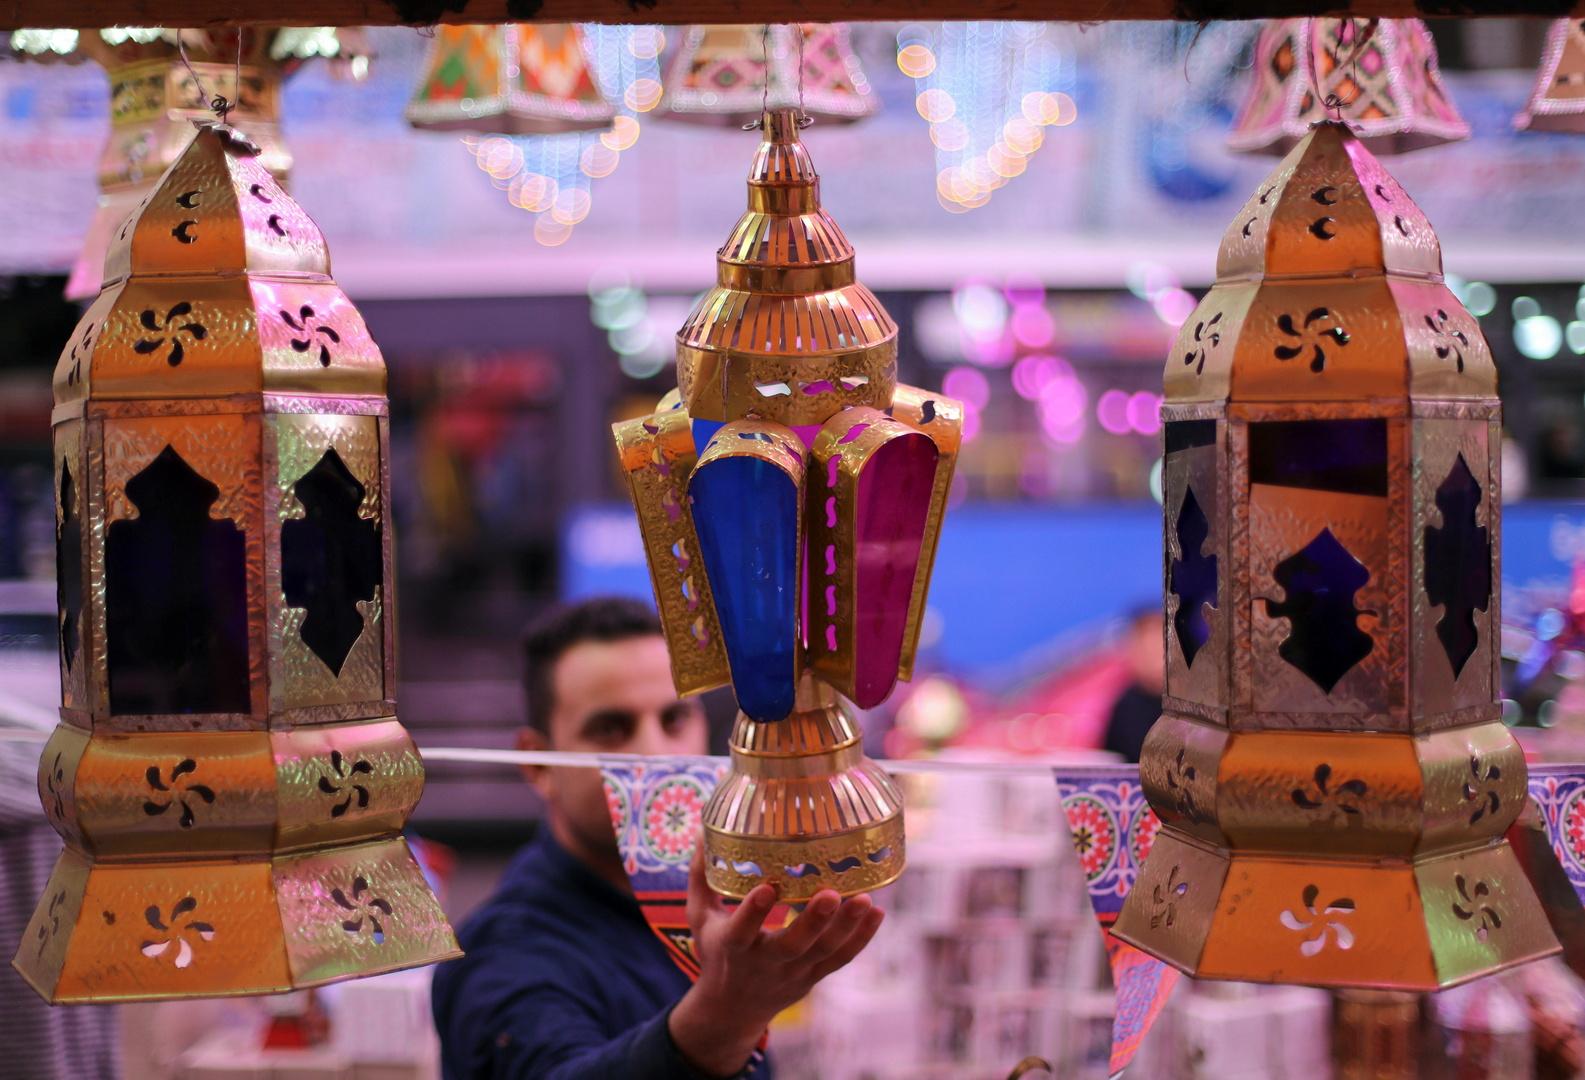 دار الإفتاء المصرية تعلن الثلاثاء أول أيام شهر رمضان